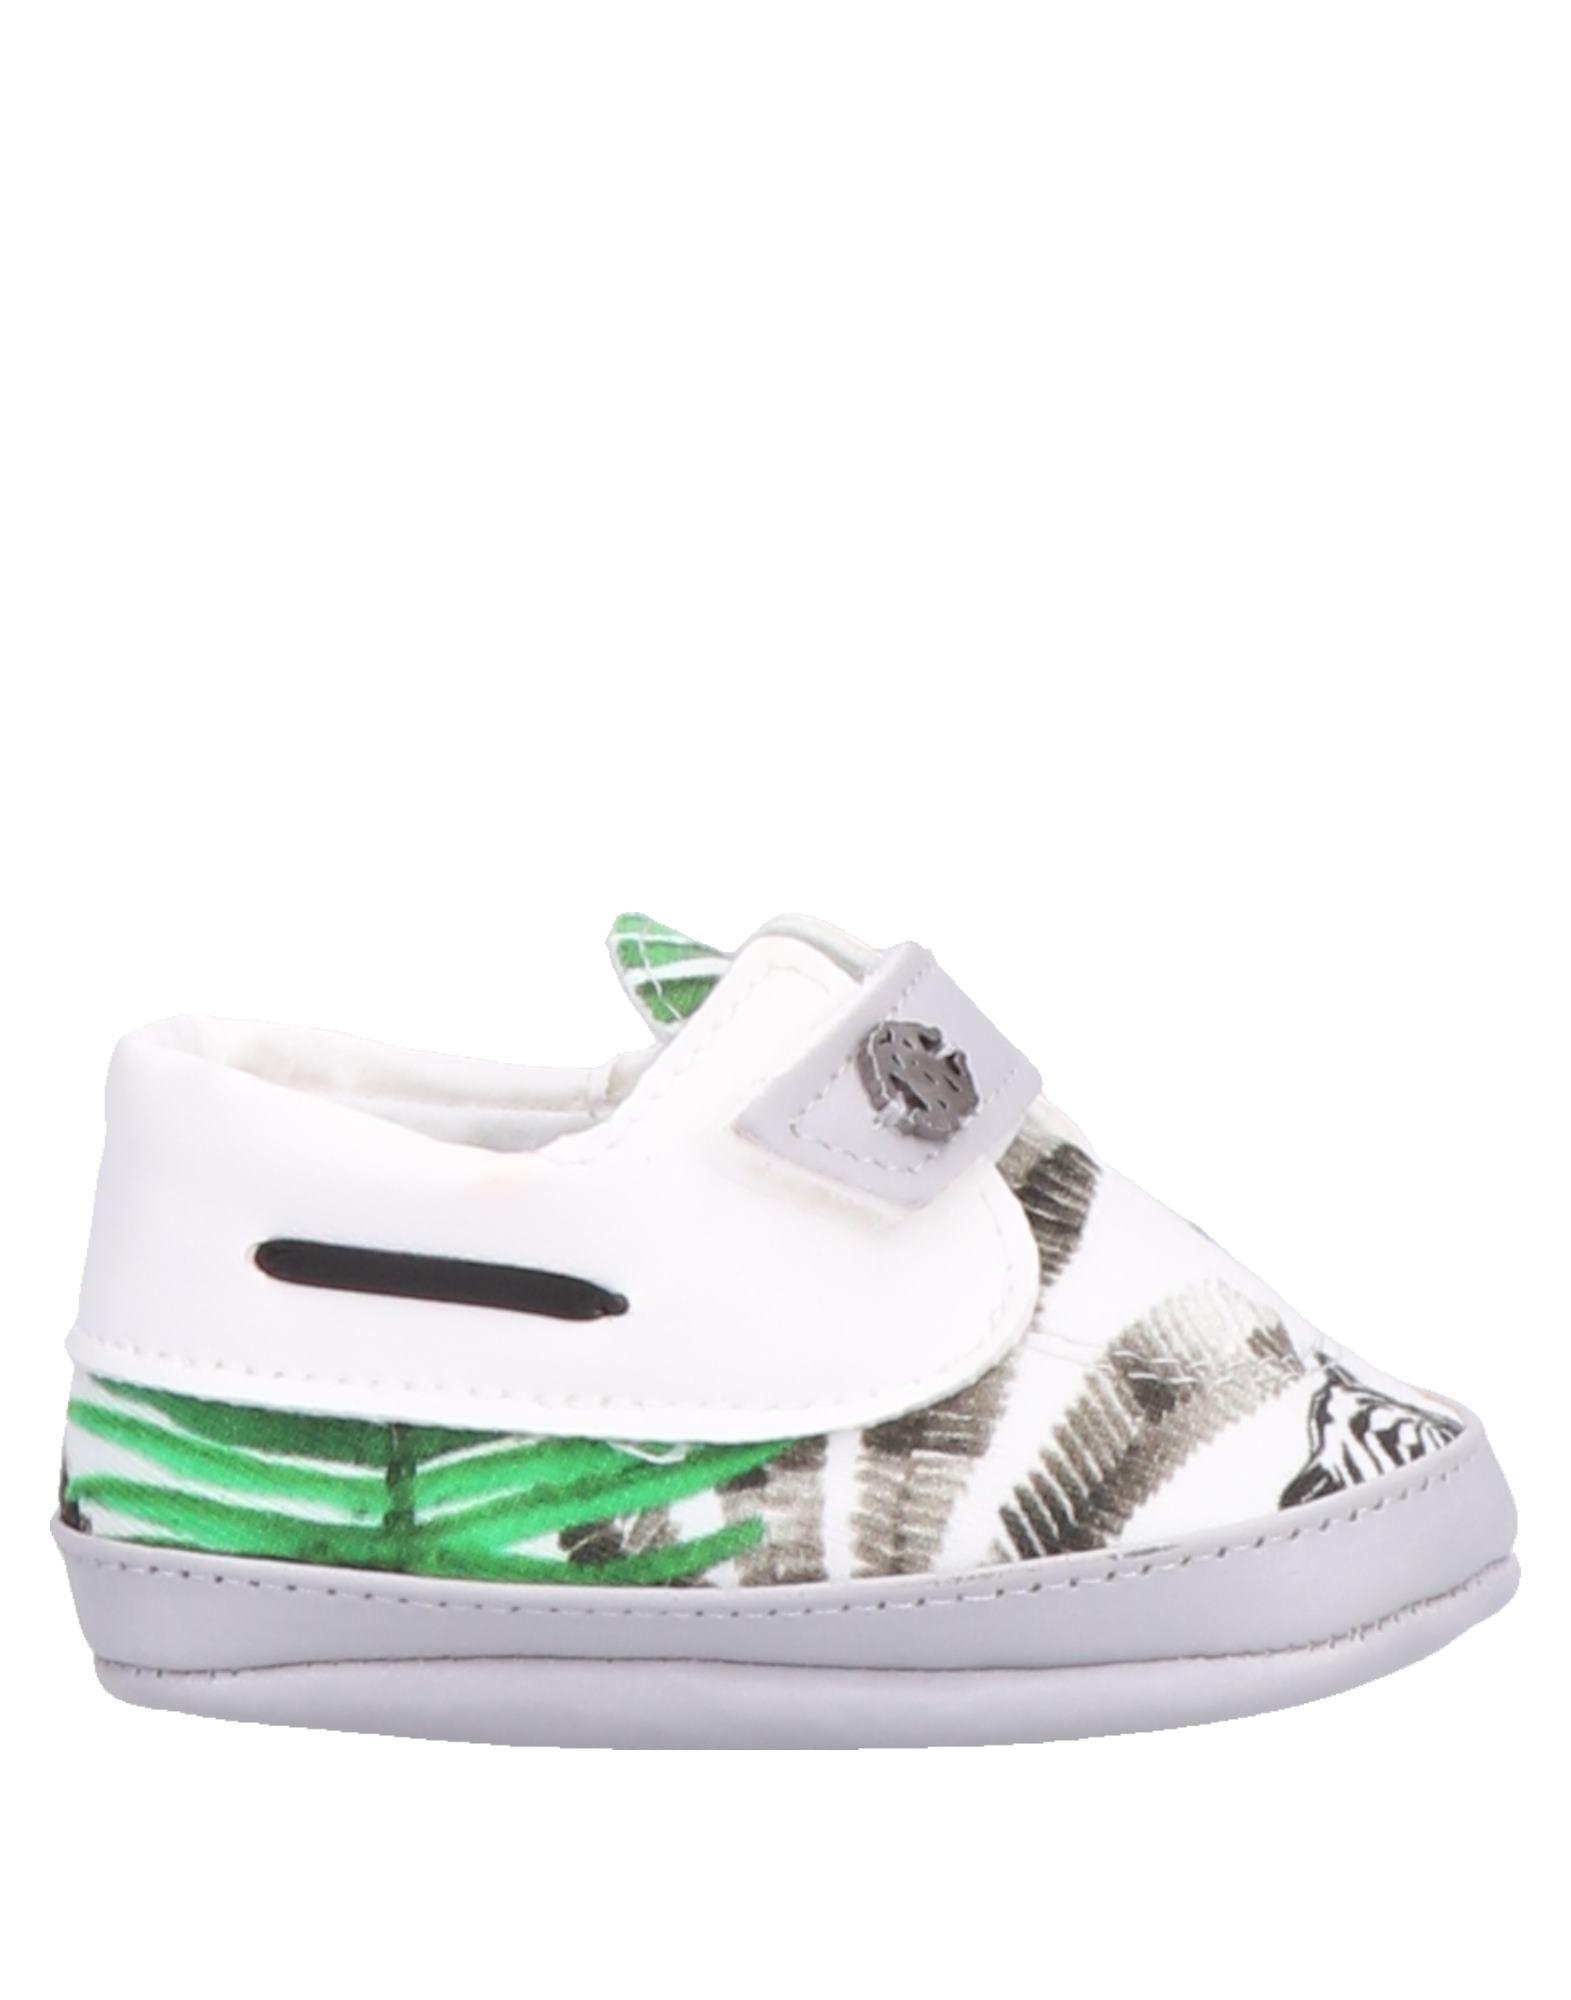 ROBERTO CAVALLI Обувь для новорожденных обувь для детей